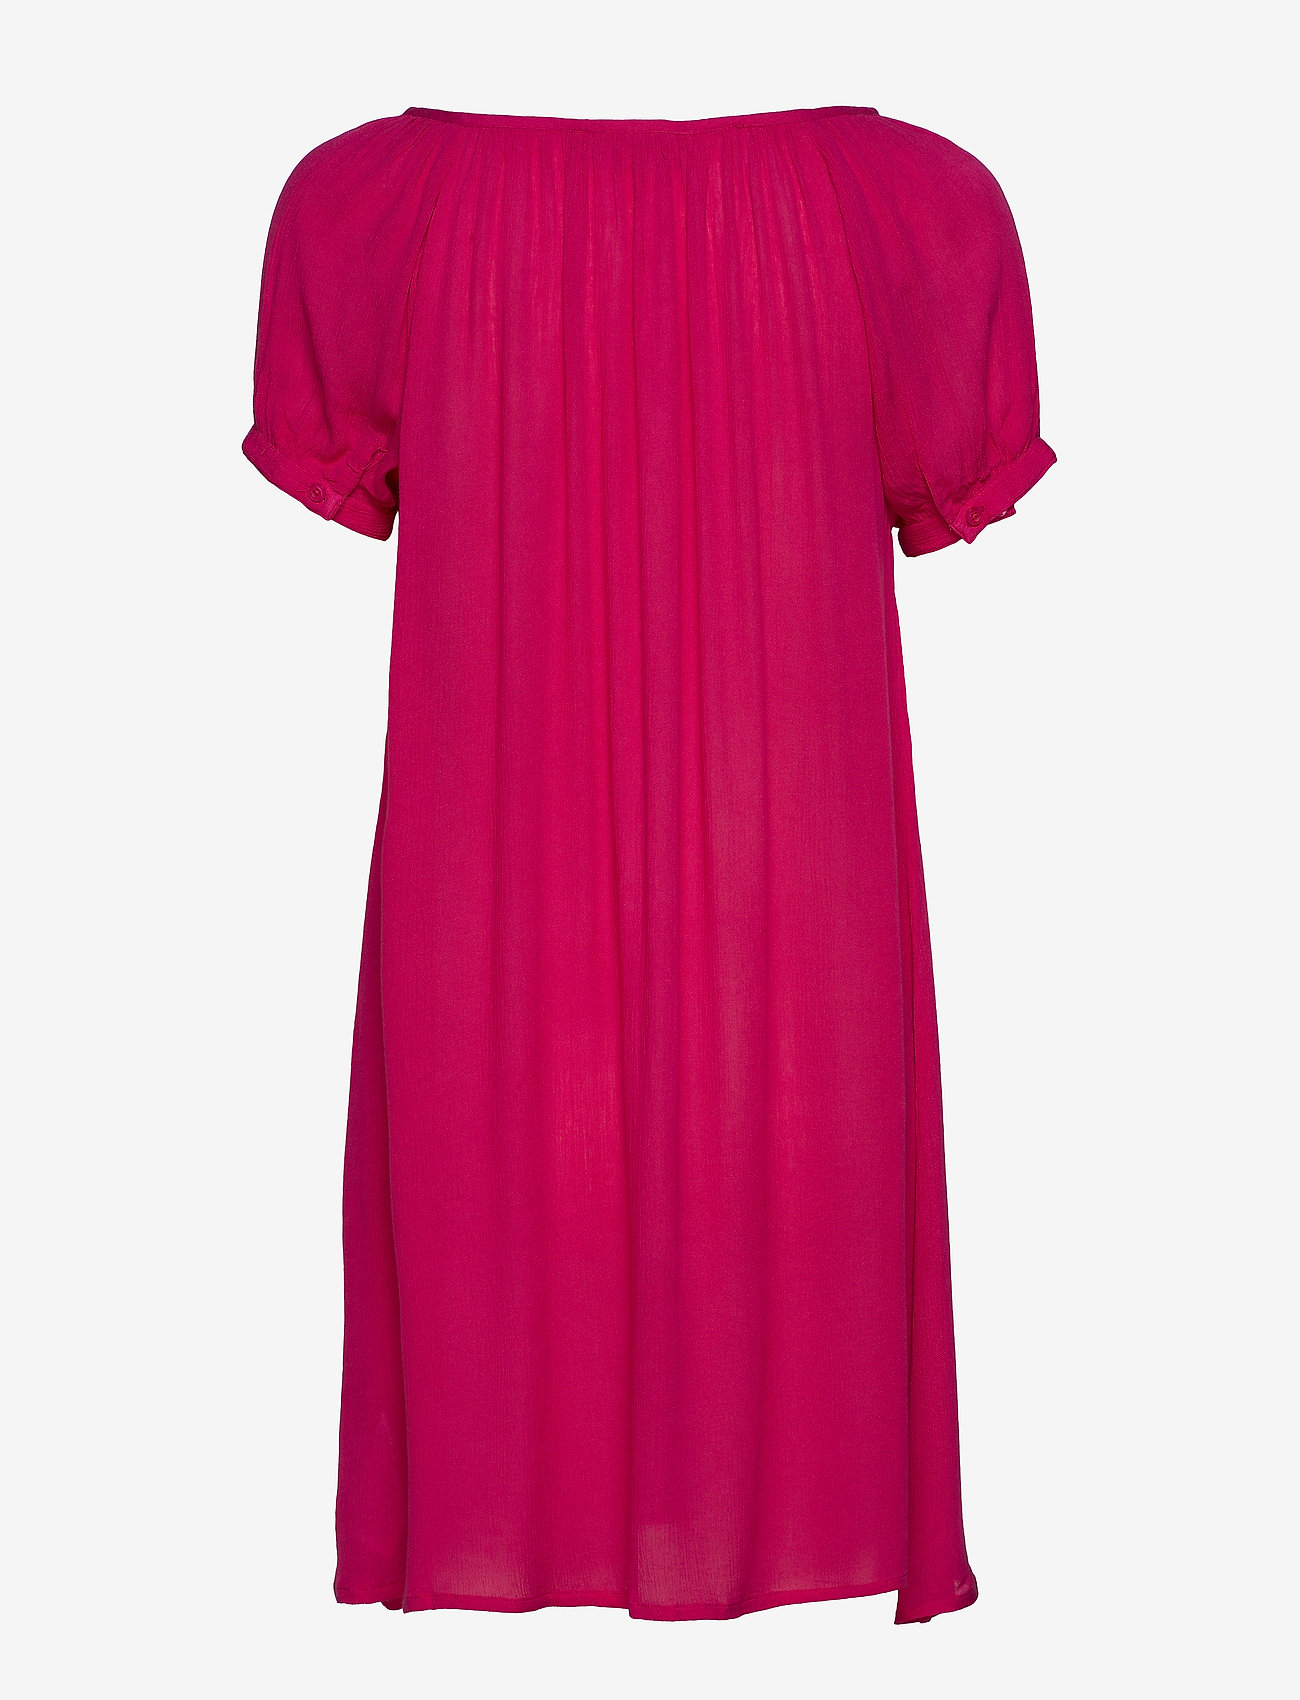 Kaffe Amber S/S Tunic- MIN 16 pcs - Bluzki & Koszule BRIGHT ROSE - Kobiety Odzież.